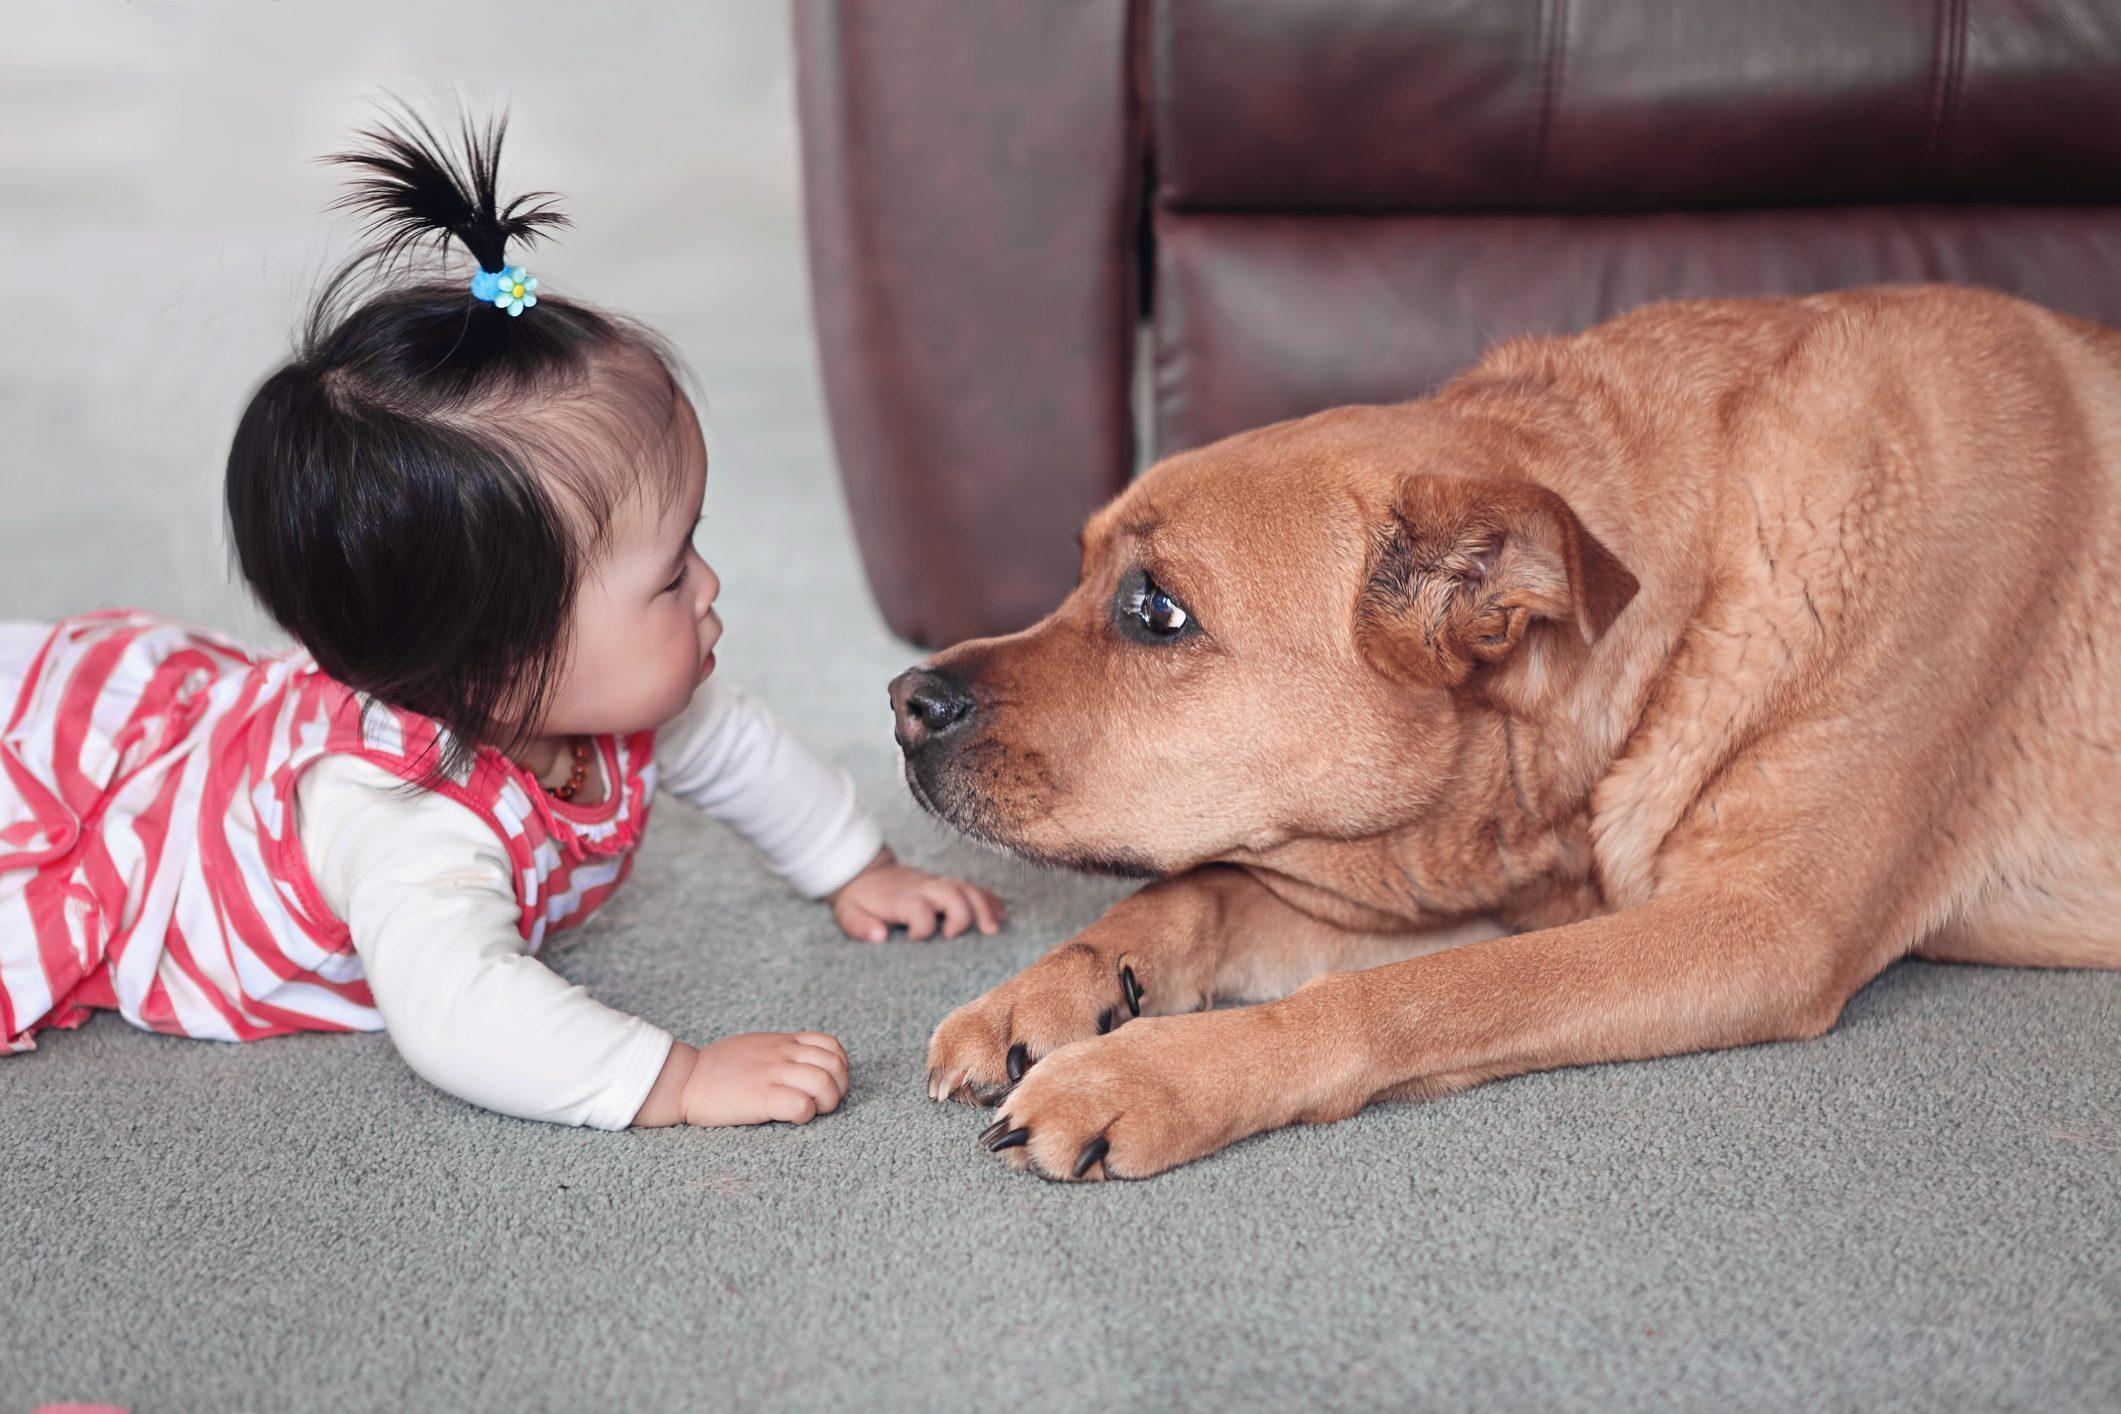 Baby girl on floor with gentle big pet dog